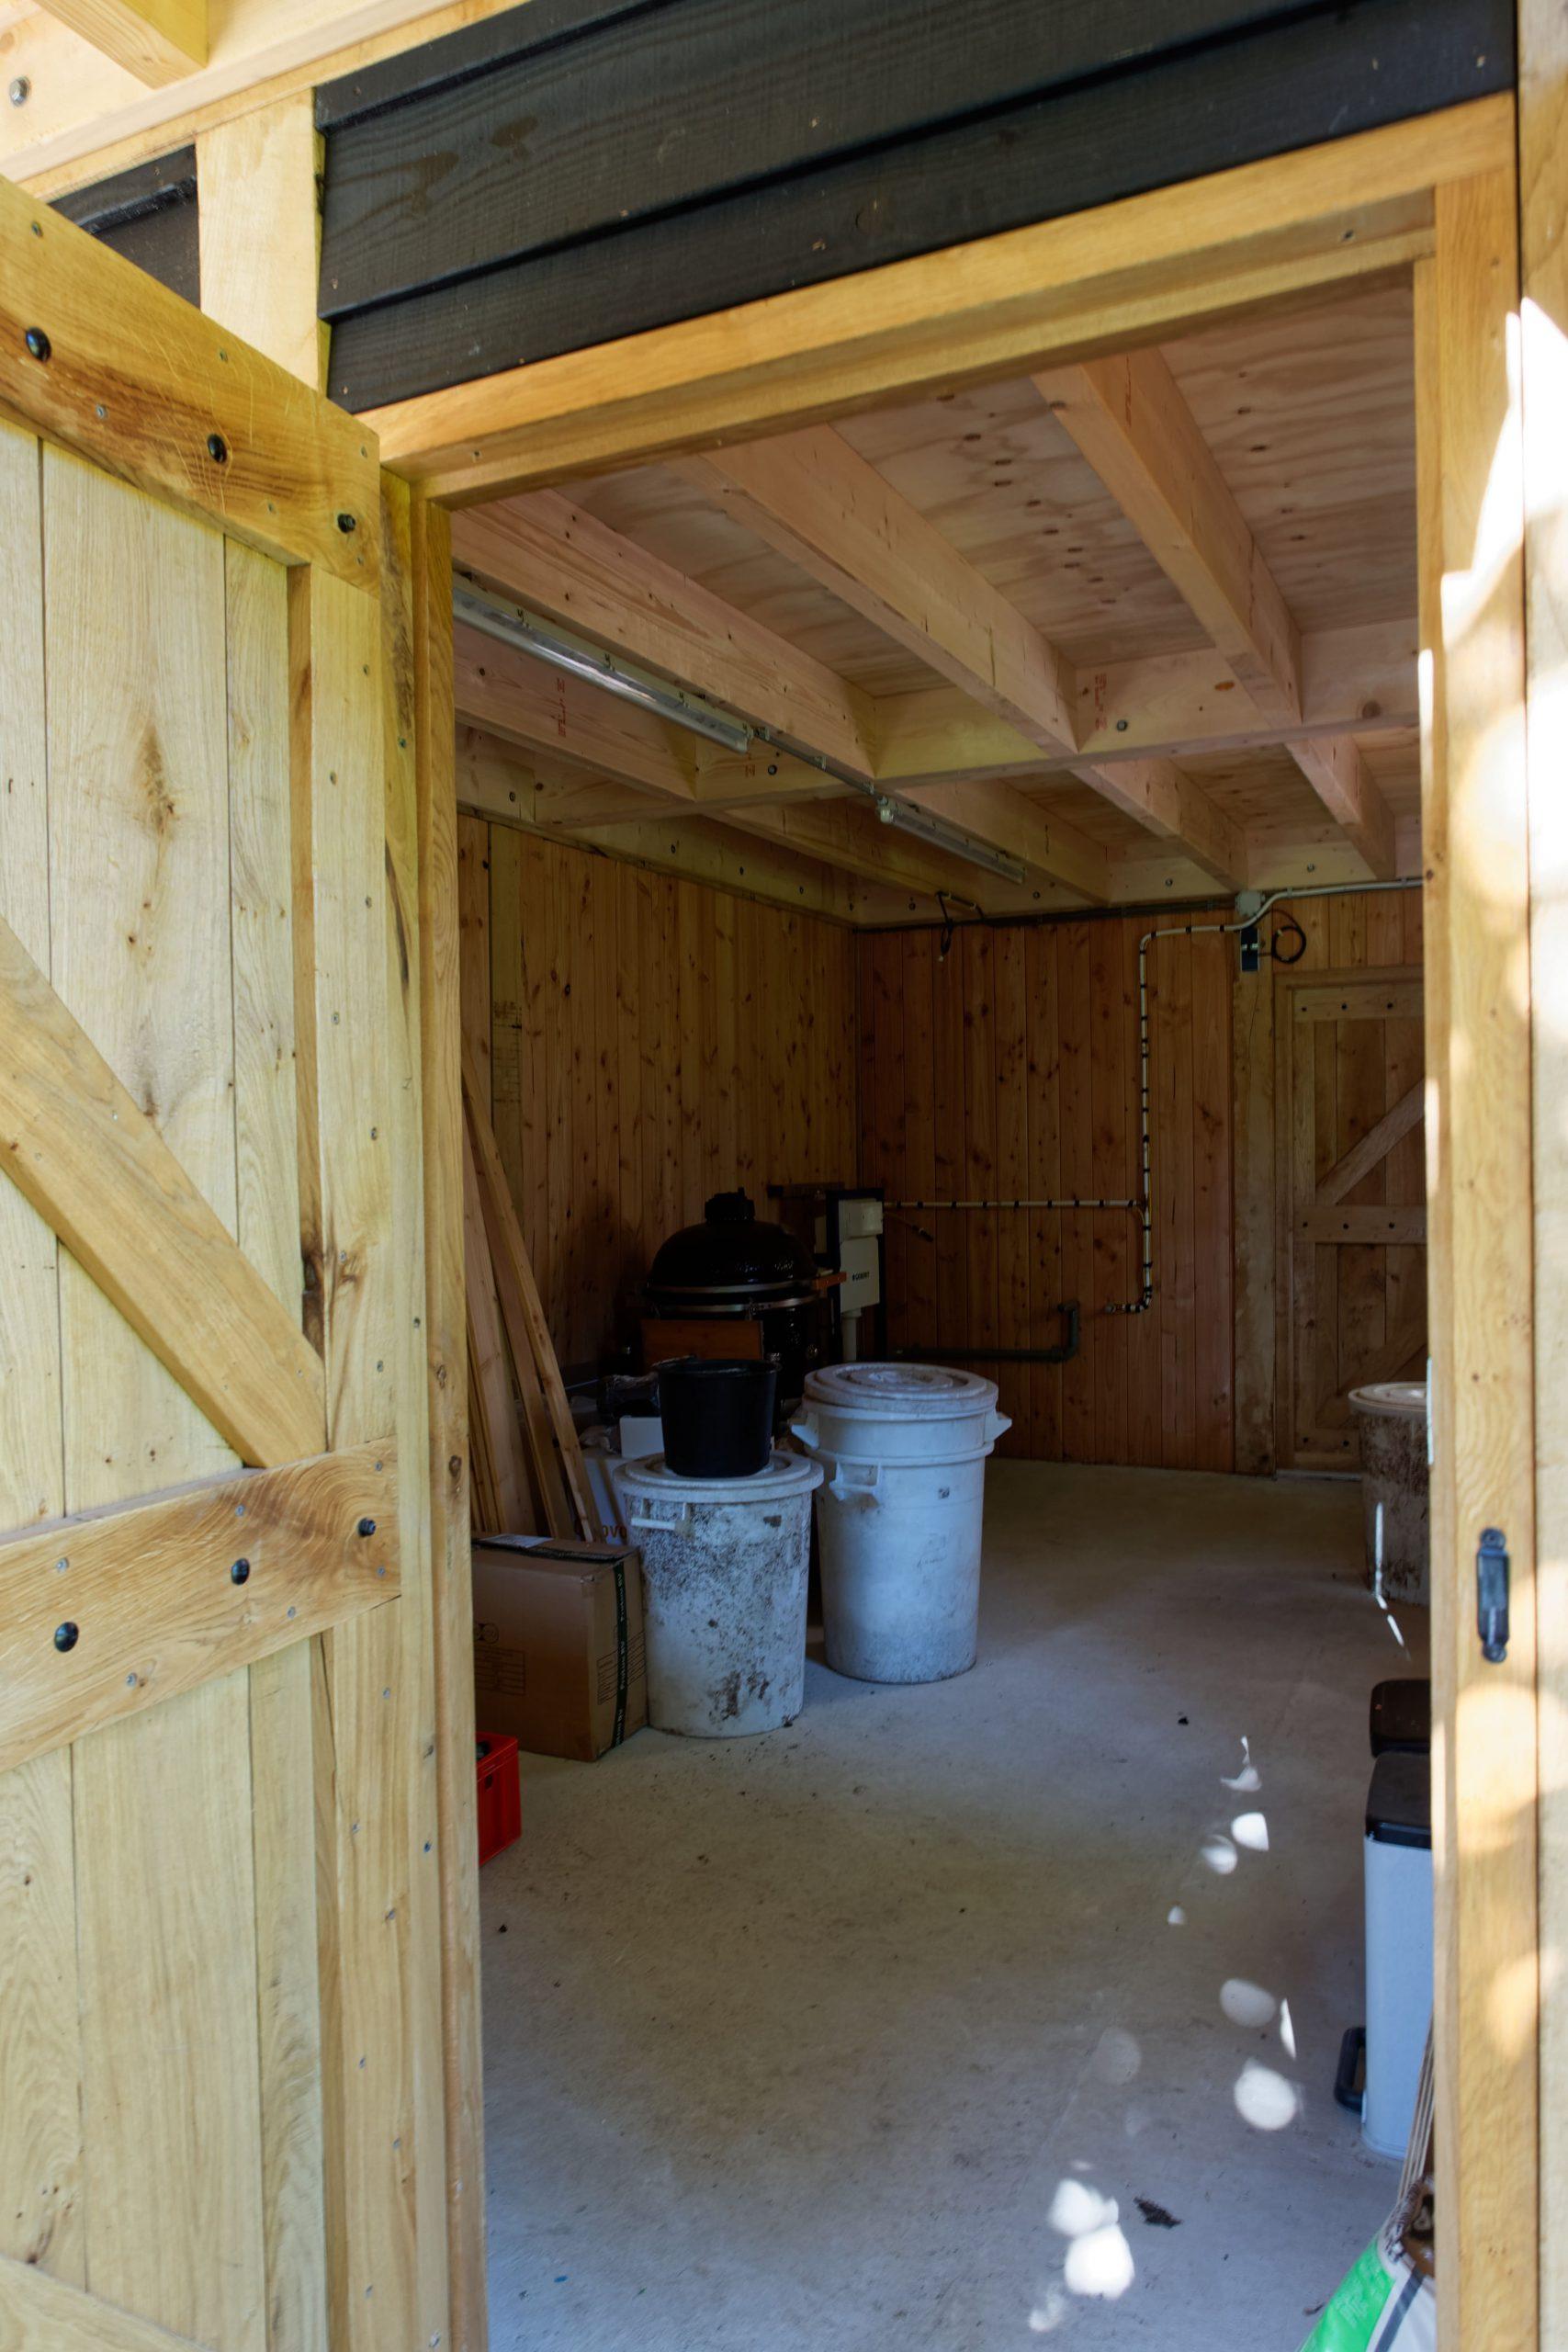 Landelijk-houten-schuur-6-scaled - Landelijke Schuur met carport